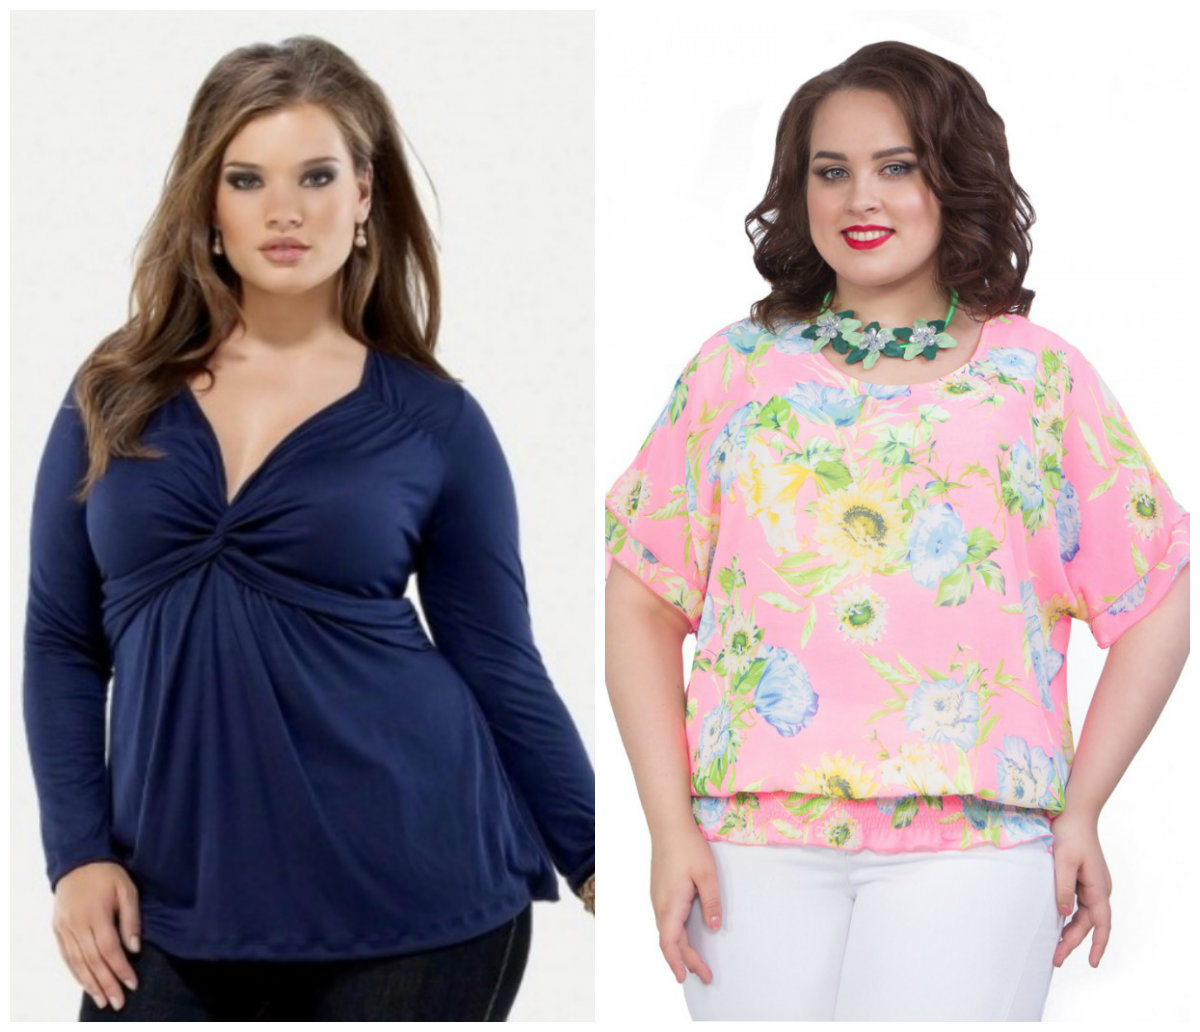 Женская-одежда-больших-размеров-2018-Блузки-Брюки-Принты-Длина-фото-Одежда для полных женщин 2018